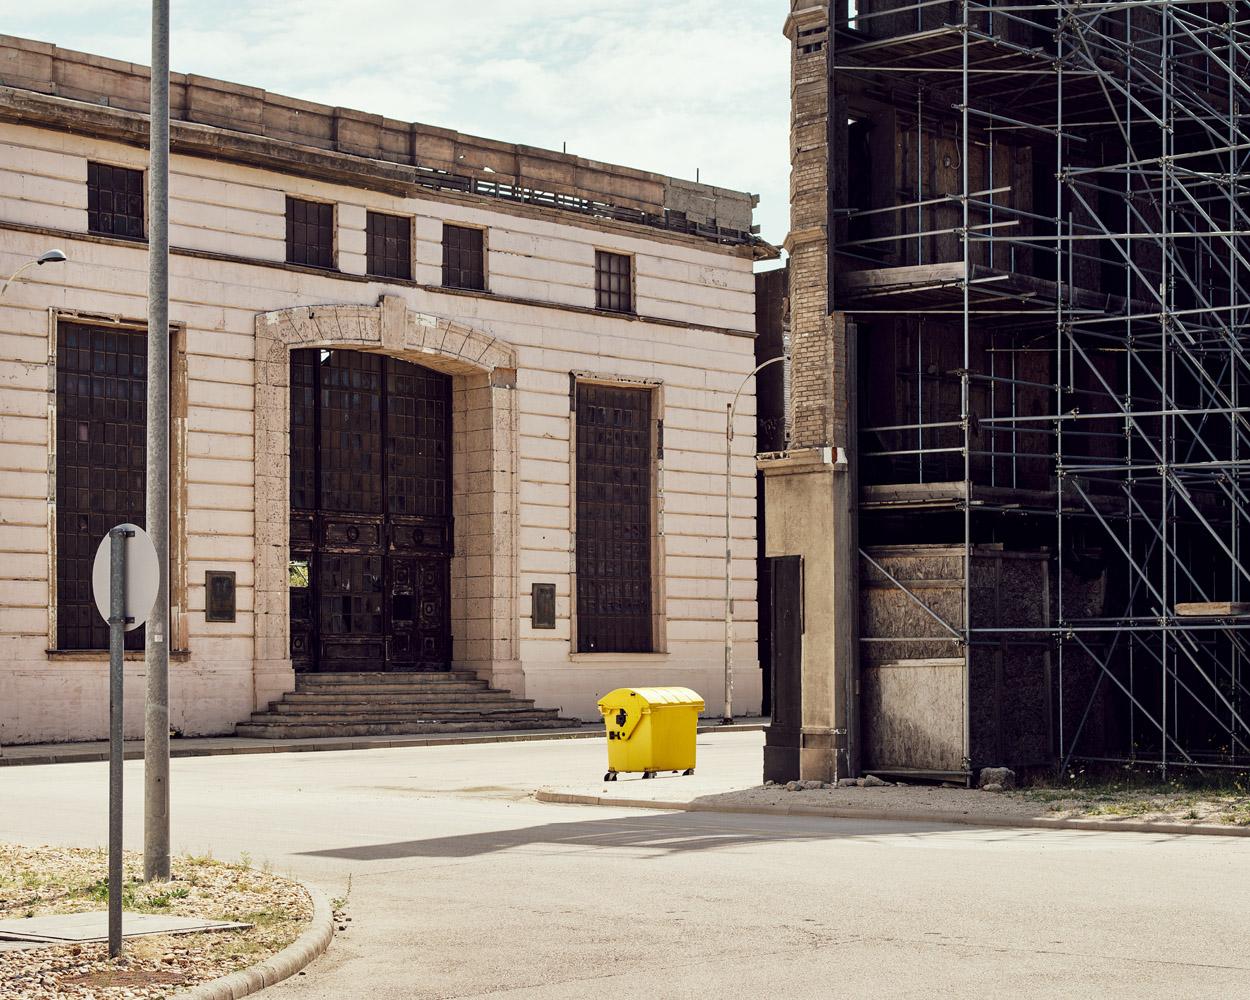 Wizz_Budapest_Film_0018.jpg